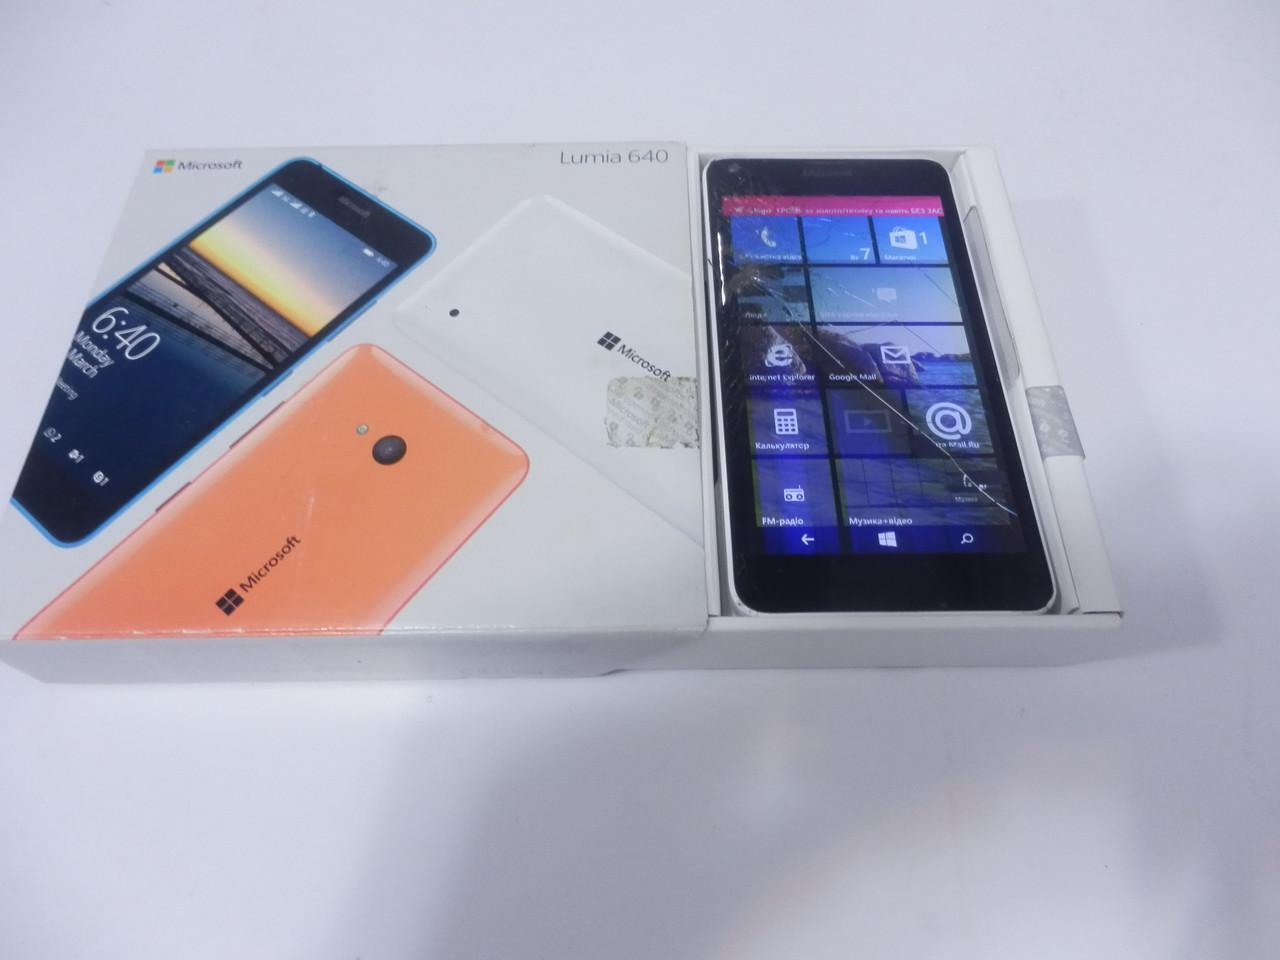 Мобильный телефон Microsoft Lumia 640 (rm-1077) №4216